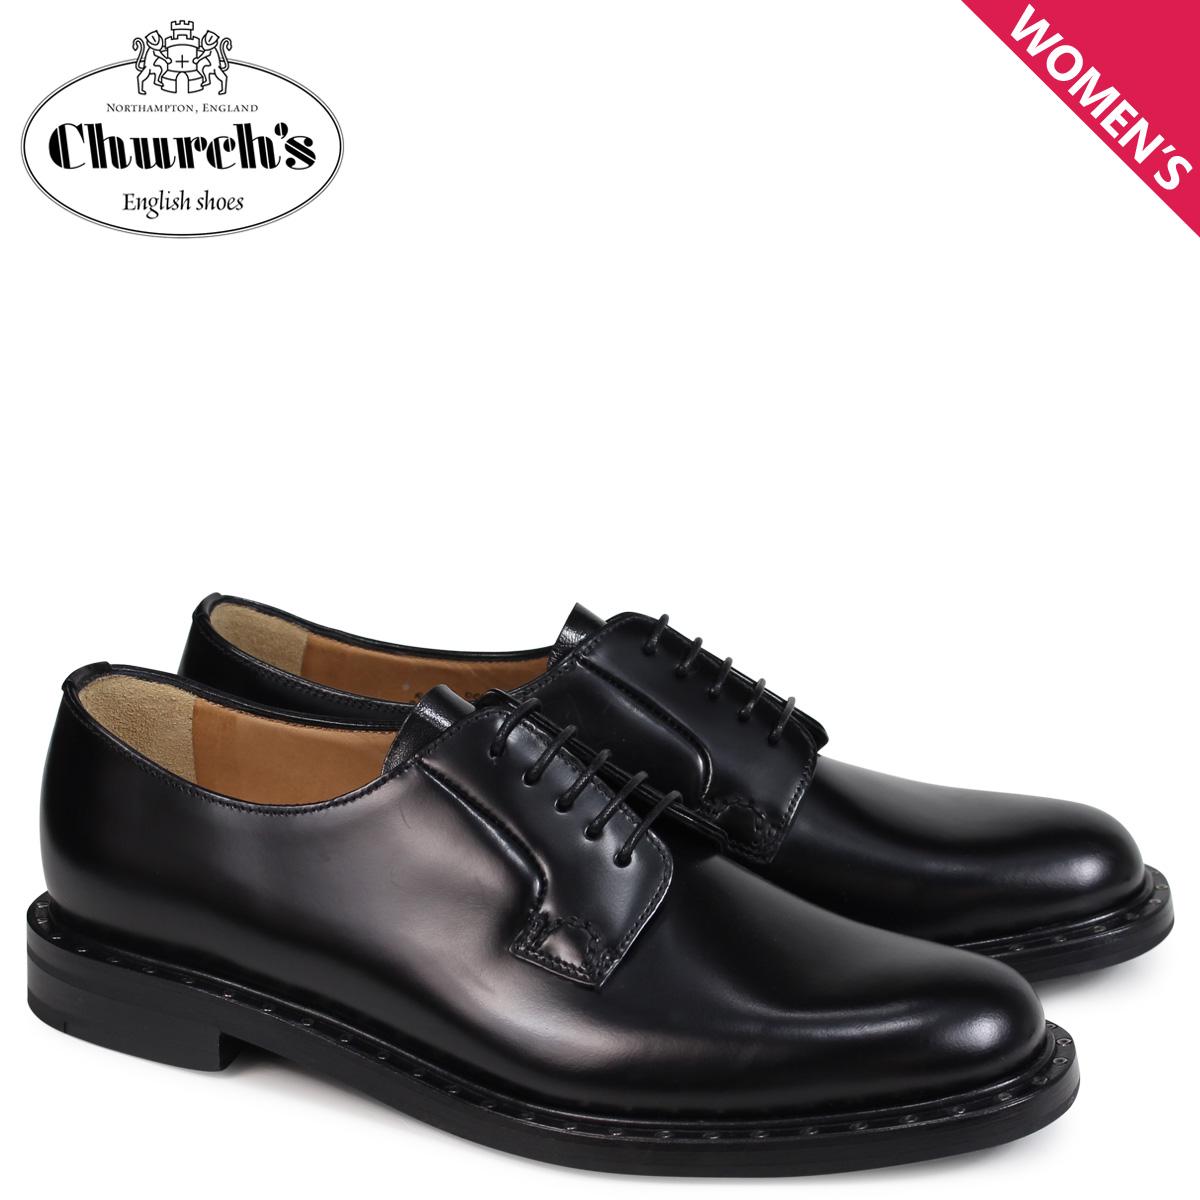 チャーチ Churchs 靴 レディース レベッカ2 プレーントゥー REBECCA 2 POLISHED BINDER DE0075 ブラック